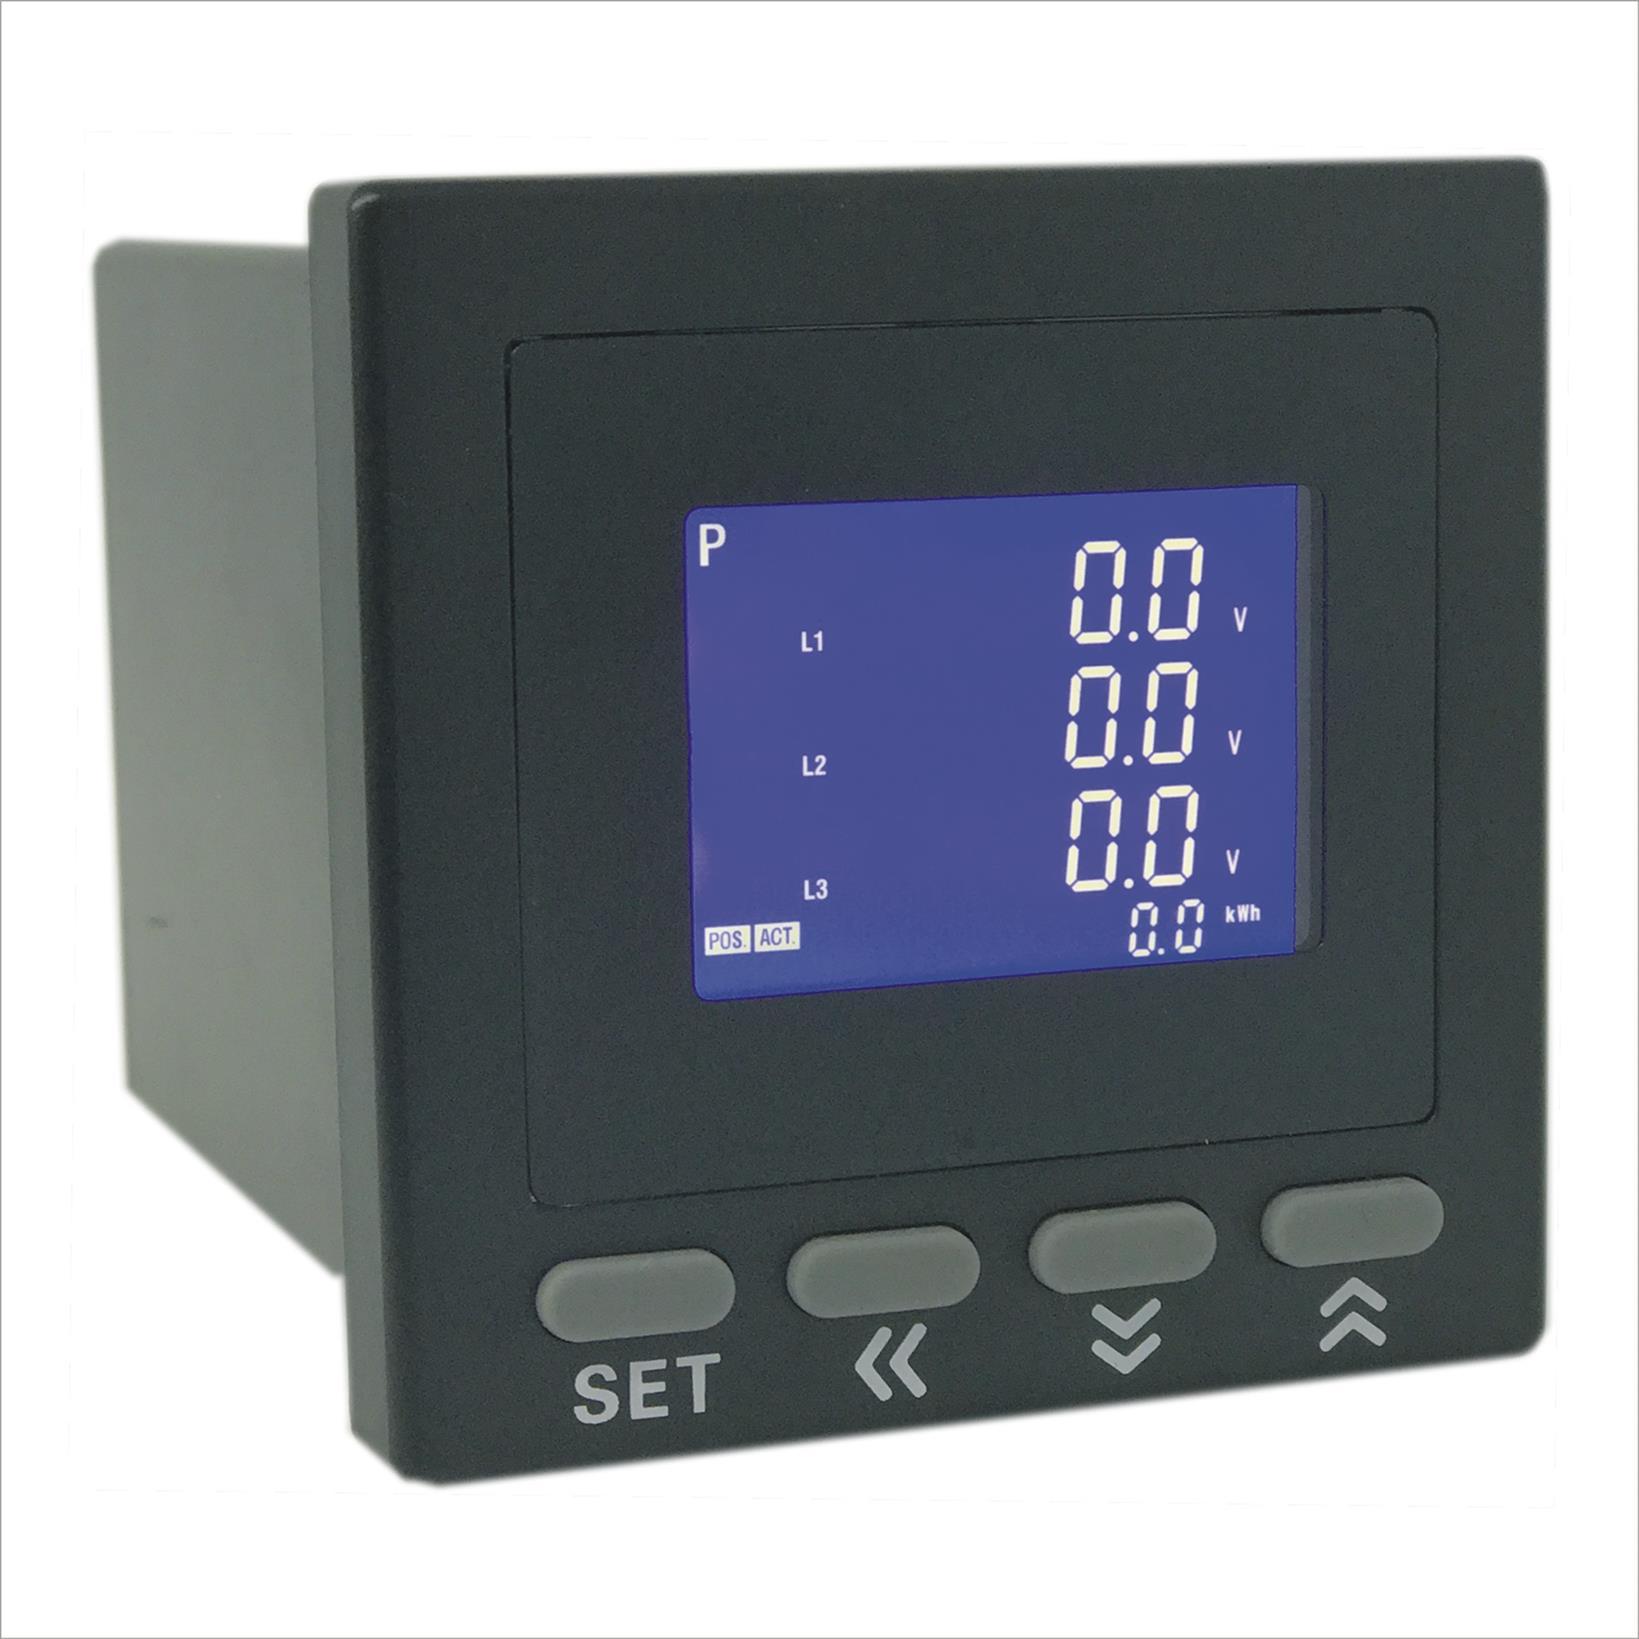 奥宾AOB192E-9TY液晶多功能电力仪表生产商 技术服务强